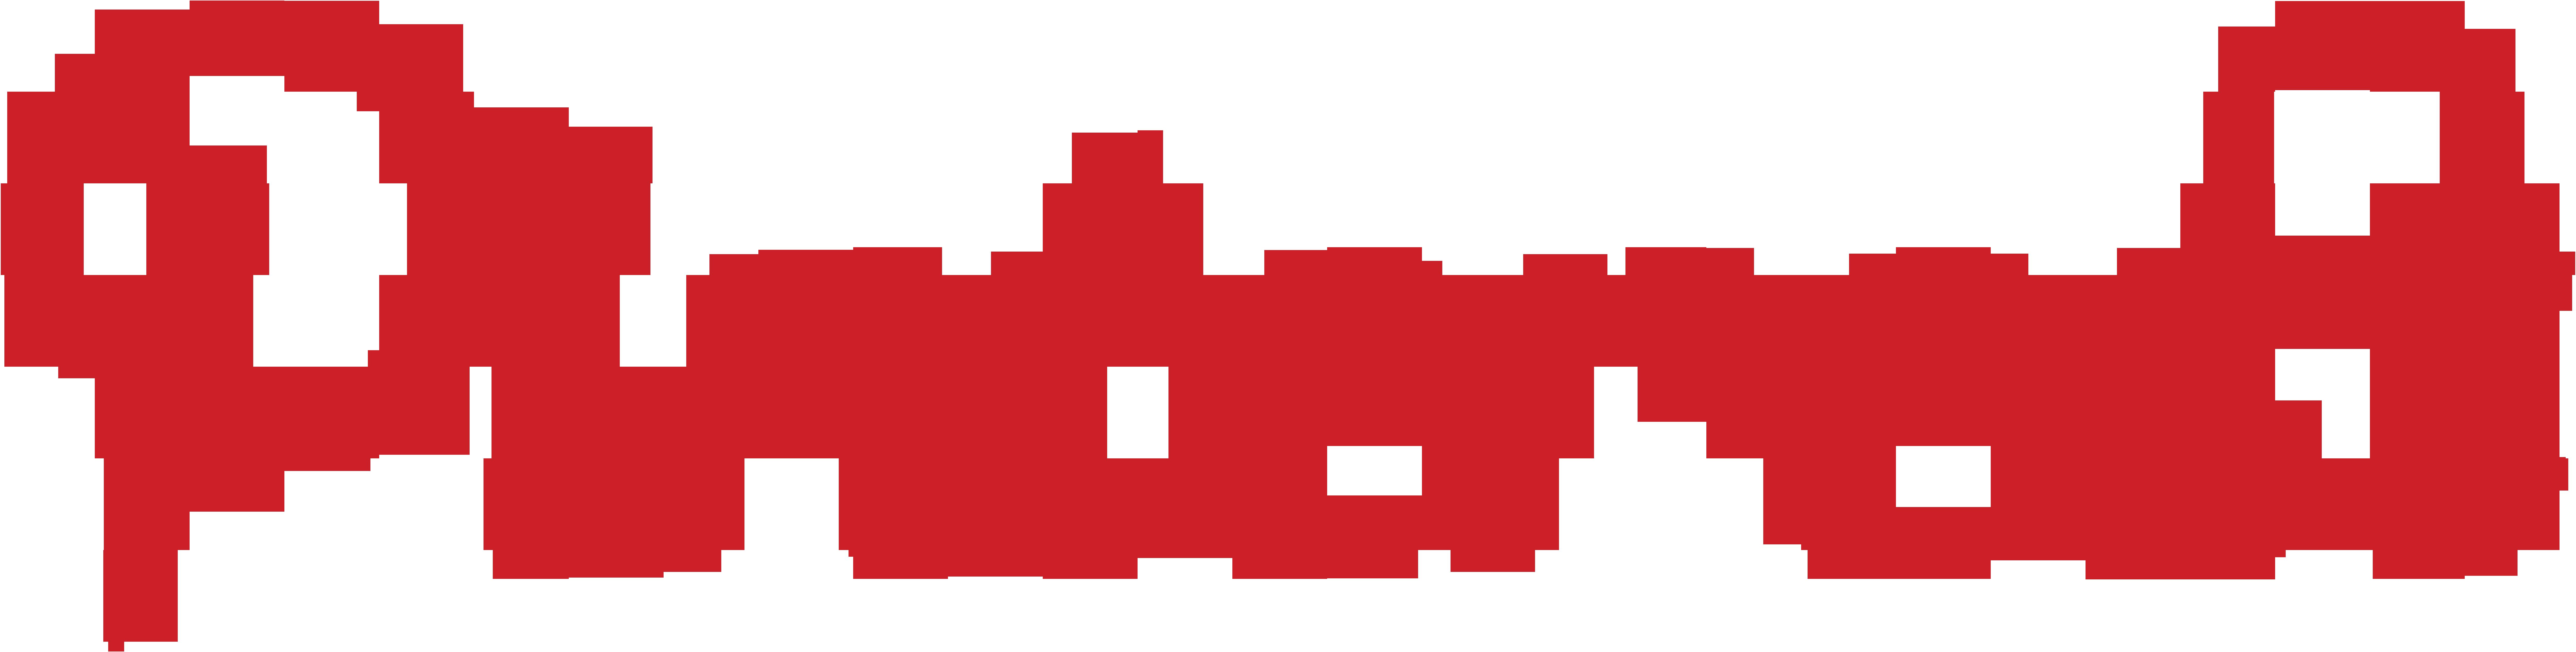 Logo, pinterest icon.